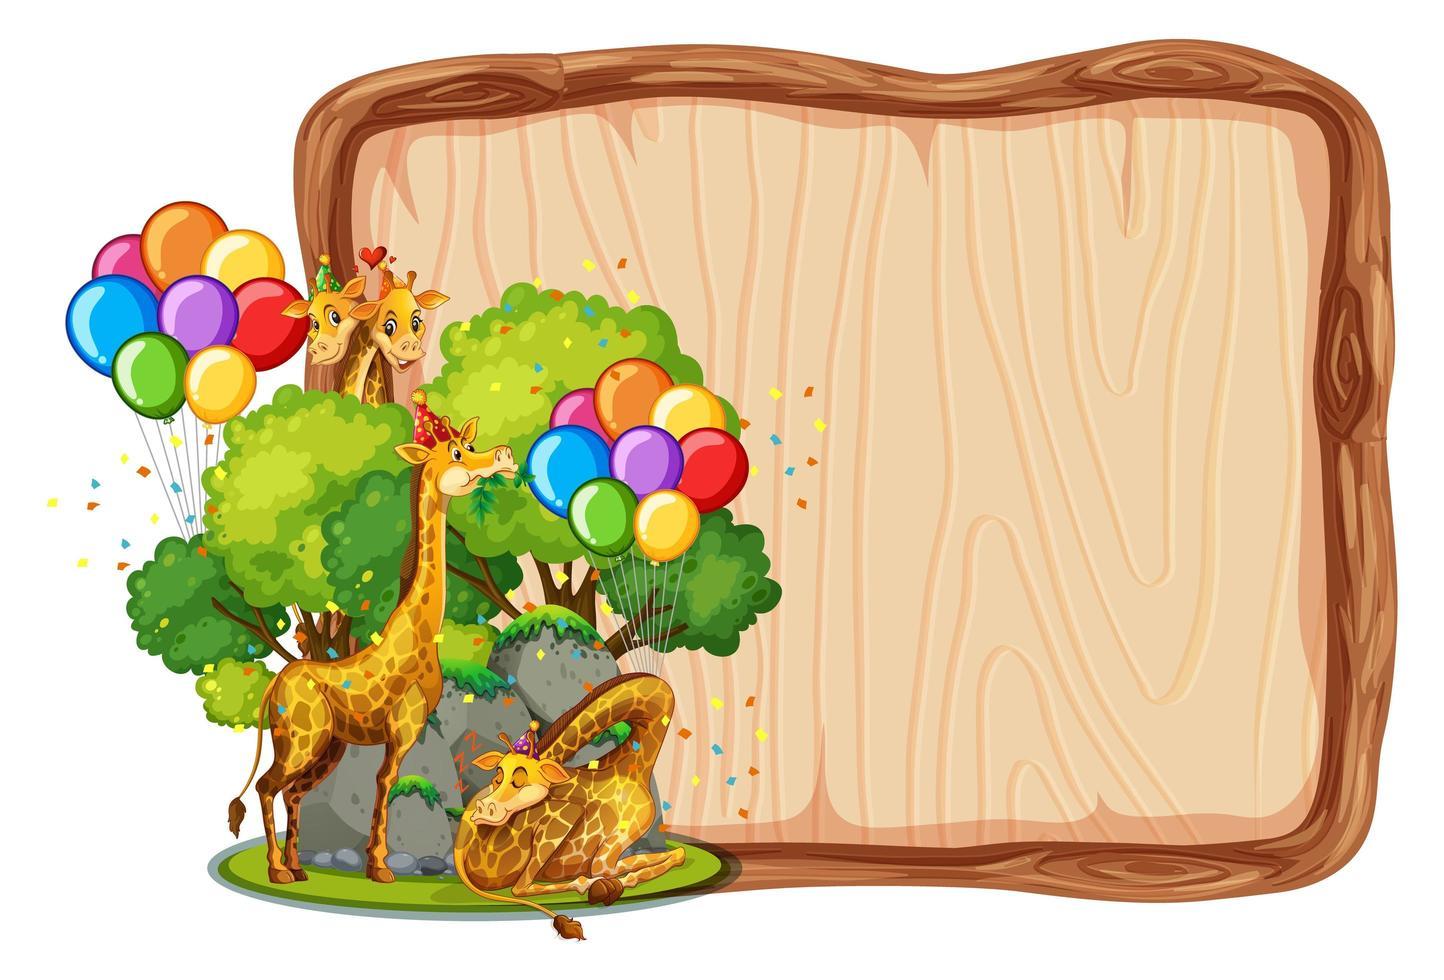 Tom träskiva mall med giraffer i partytema isolerat vektor